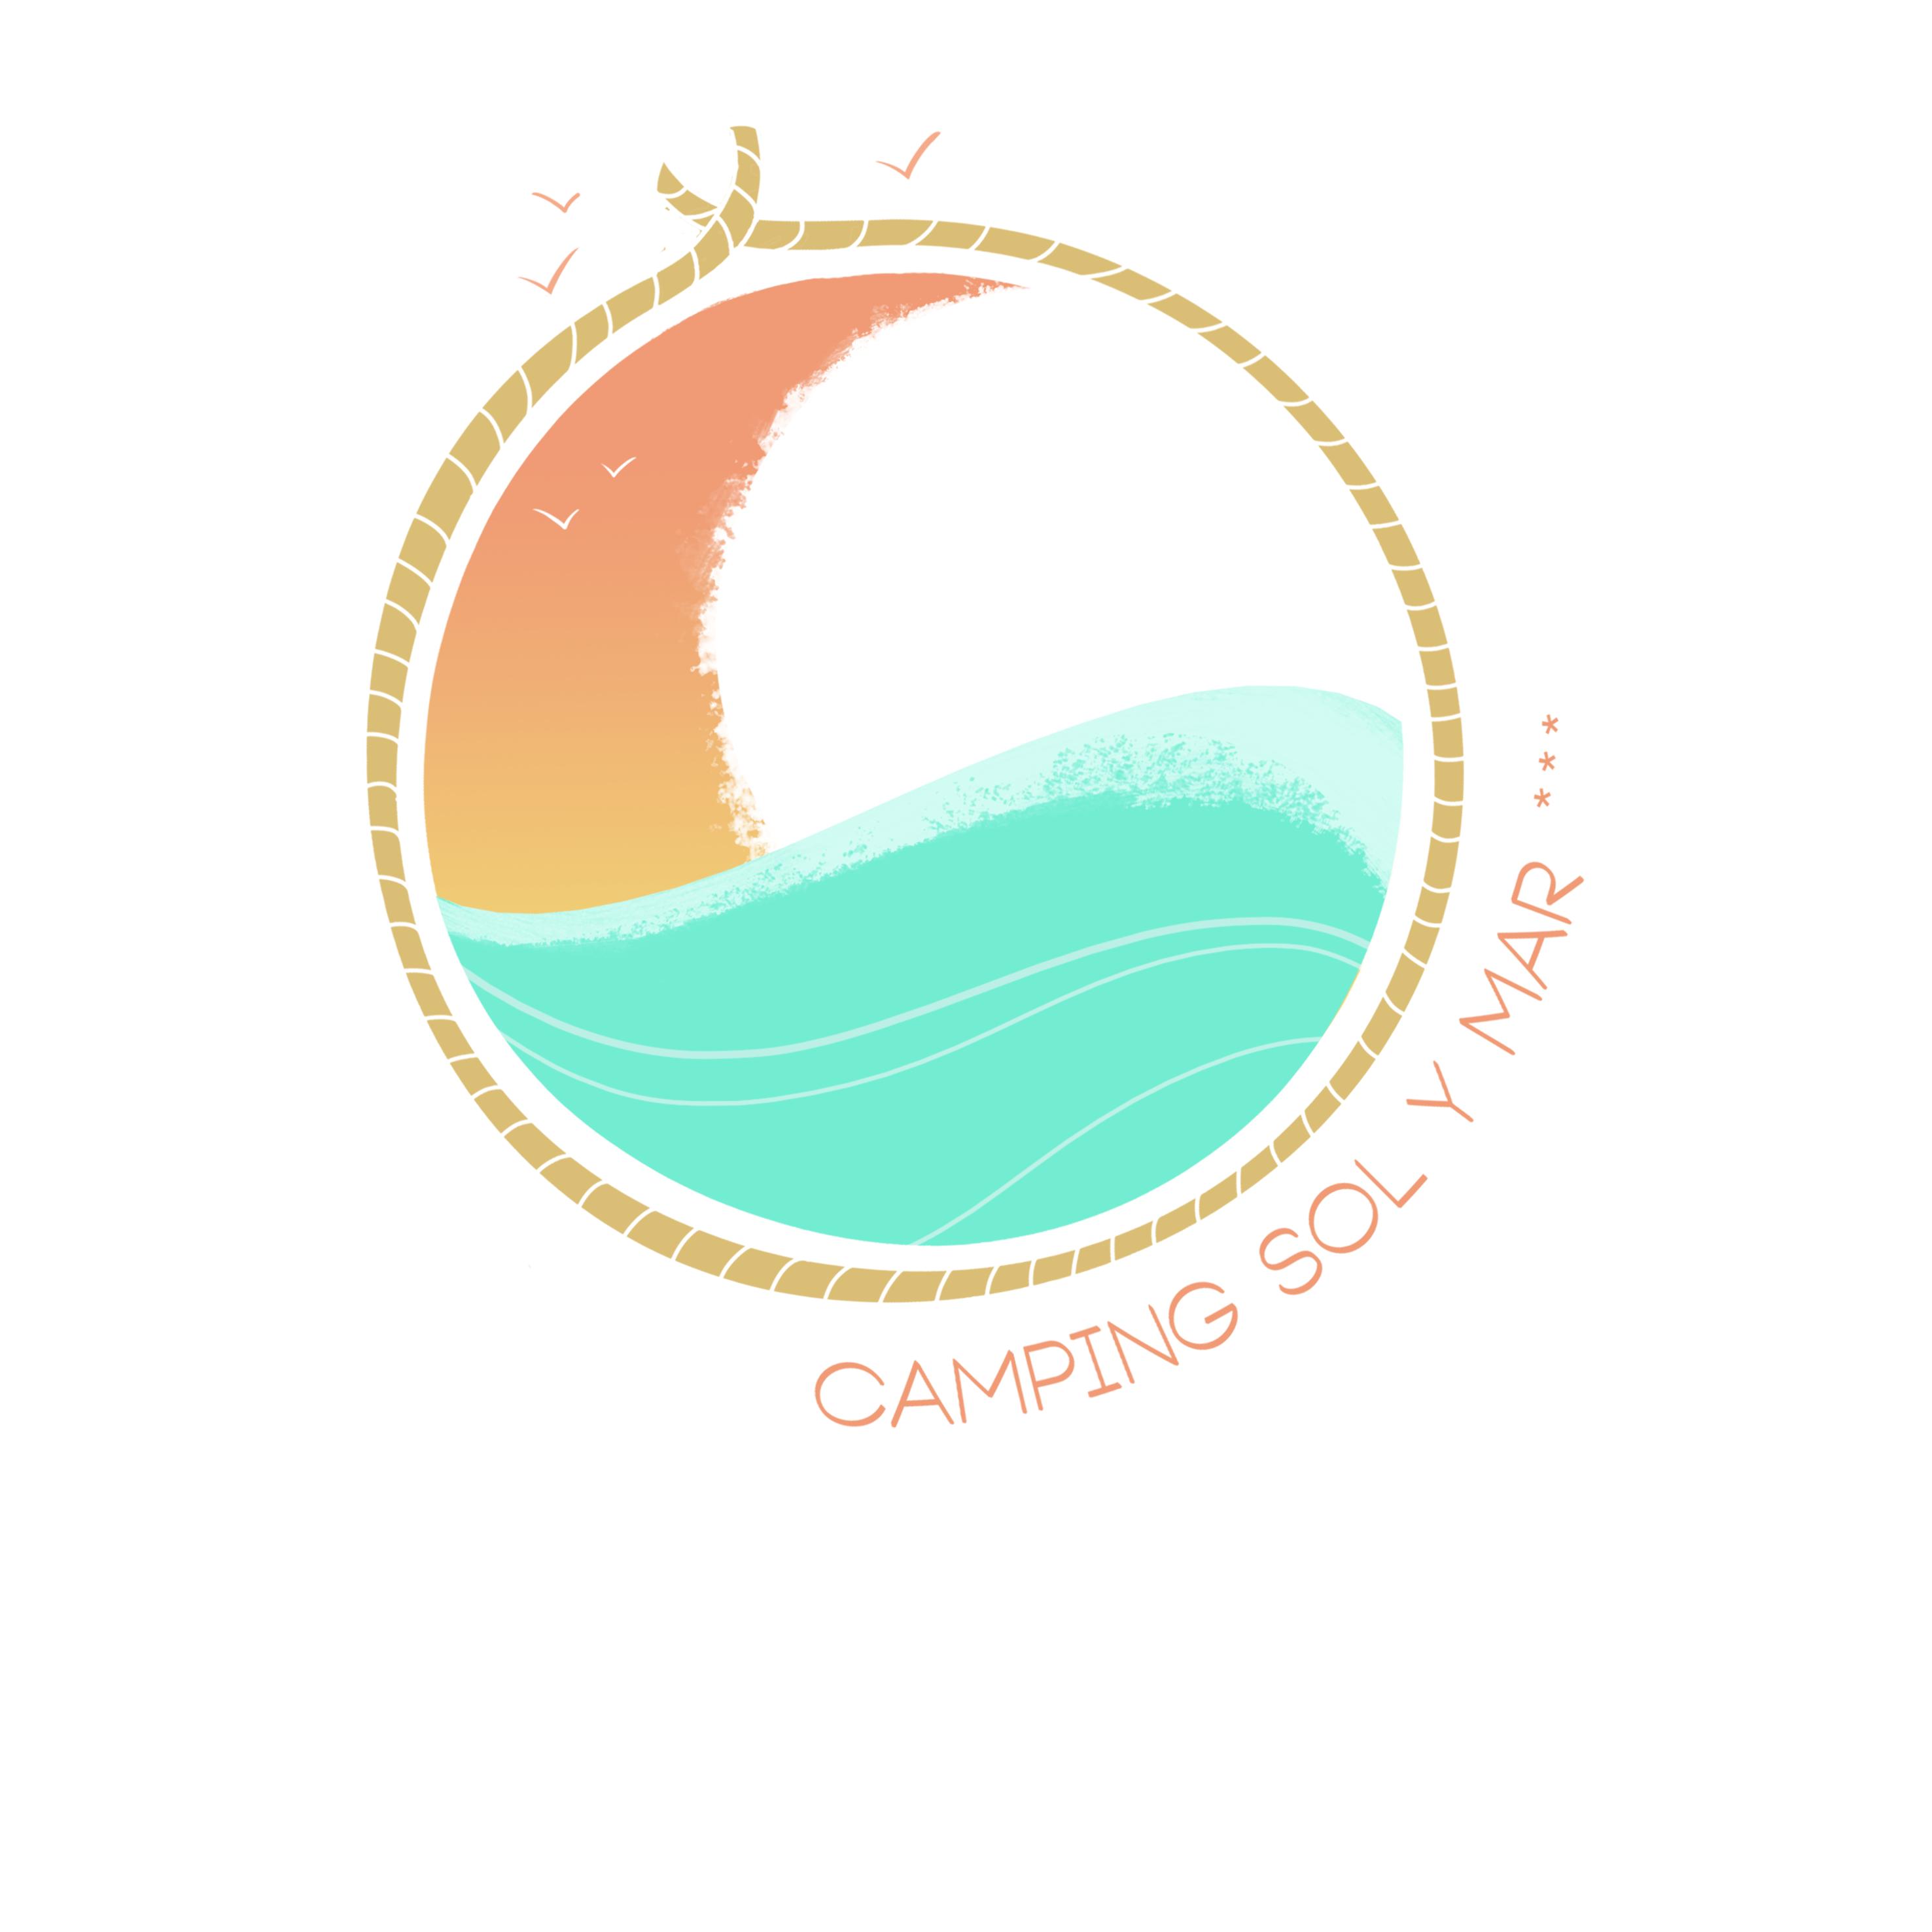 Camping Sol y Mar